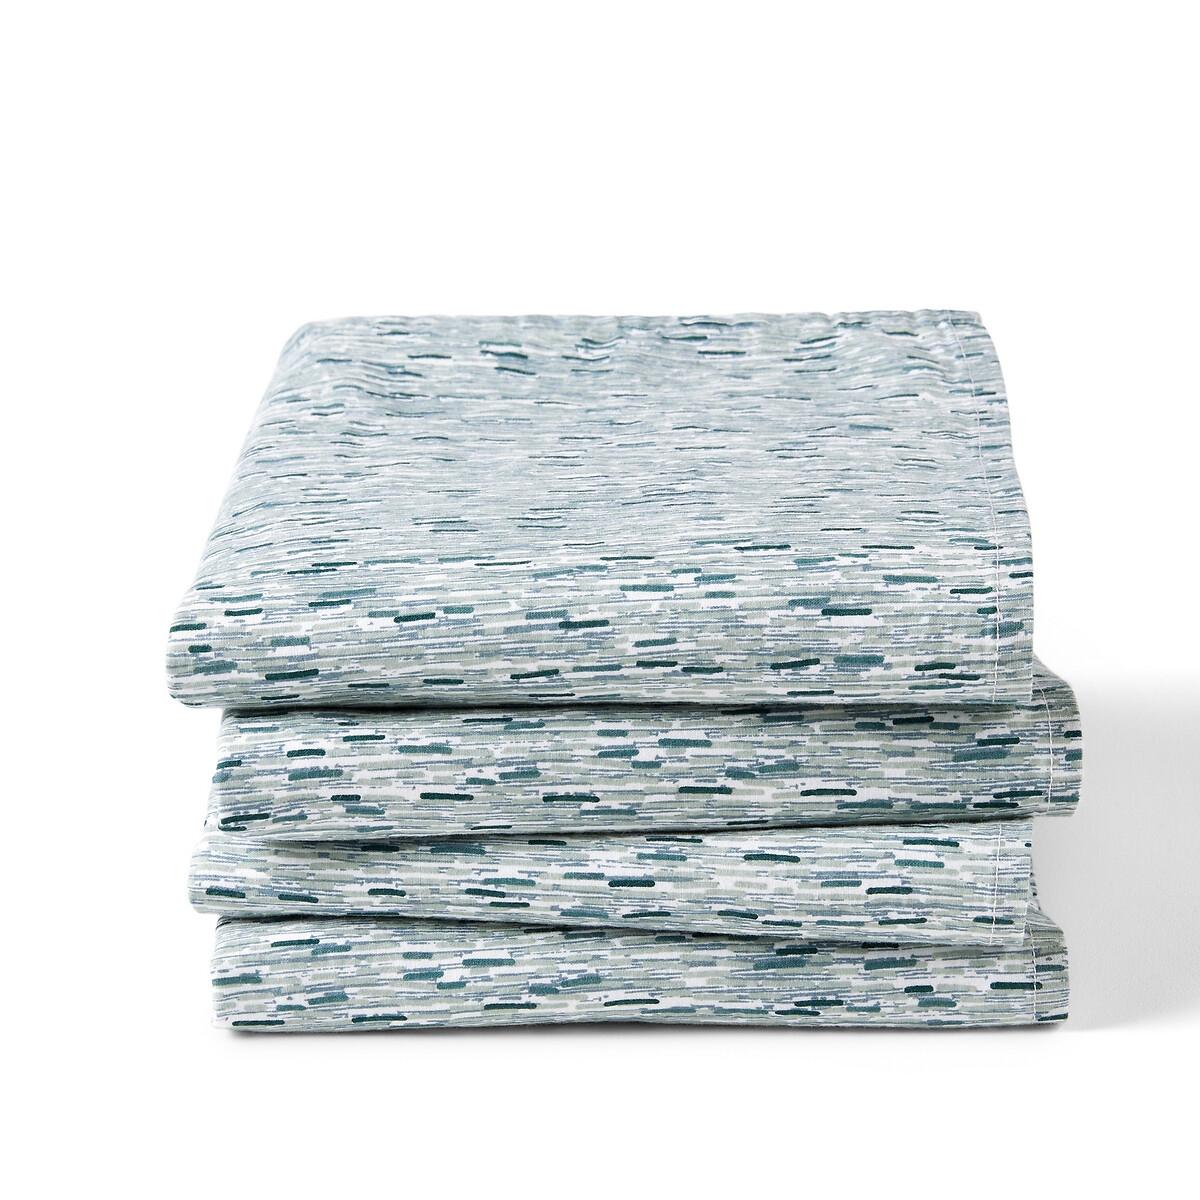 Комплект из 4 полотенец столовых La Redoute Из стираного хлопка Ydra 45 x 45 см зеленый комплект из столовых салфеток la redoute из стираного хлопка twinkle 45 x 45 см каштановый